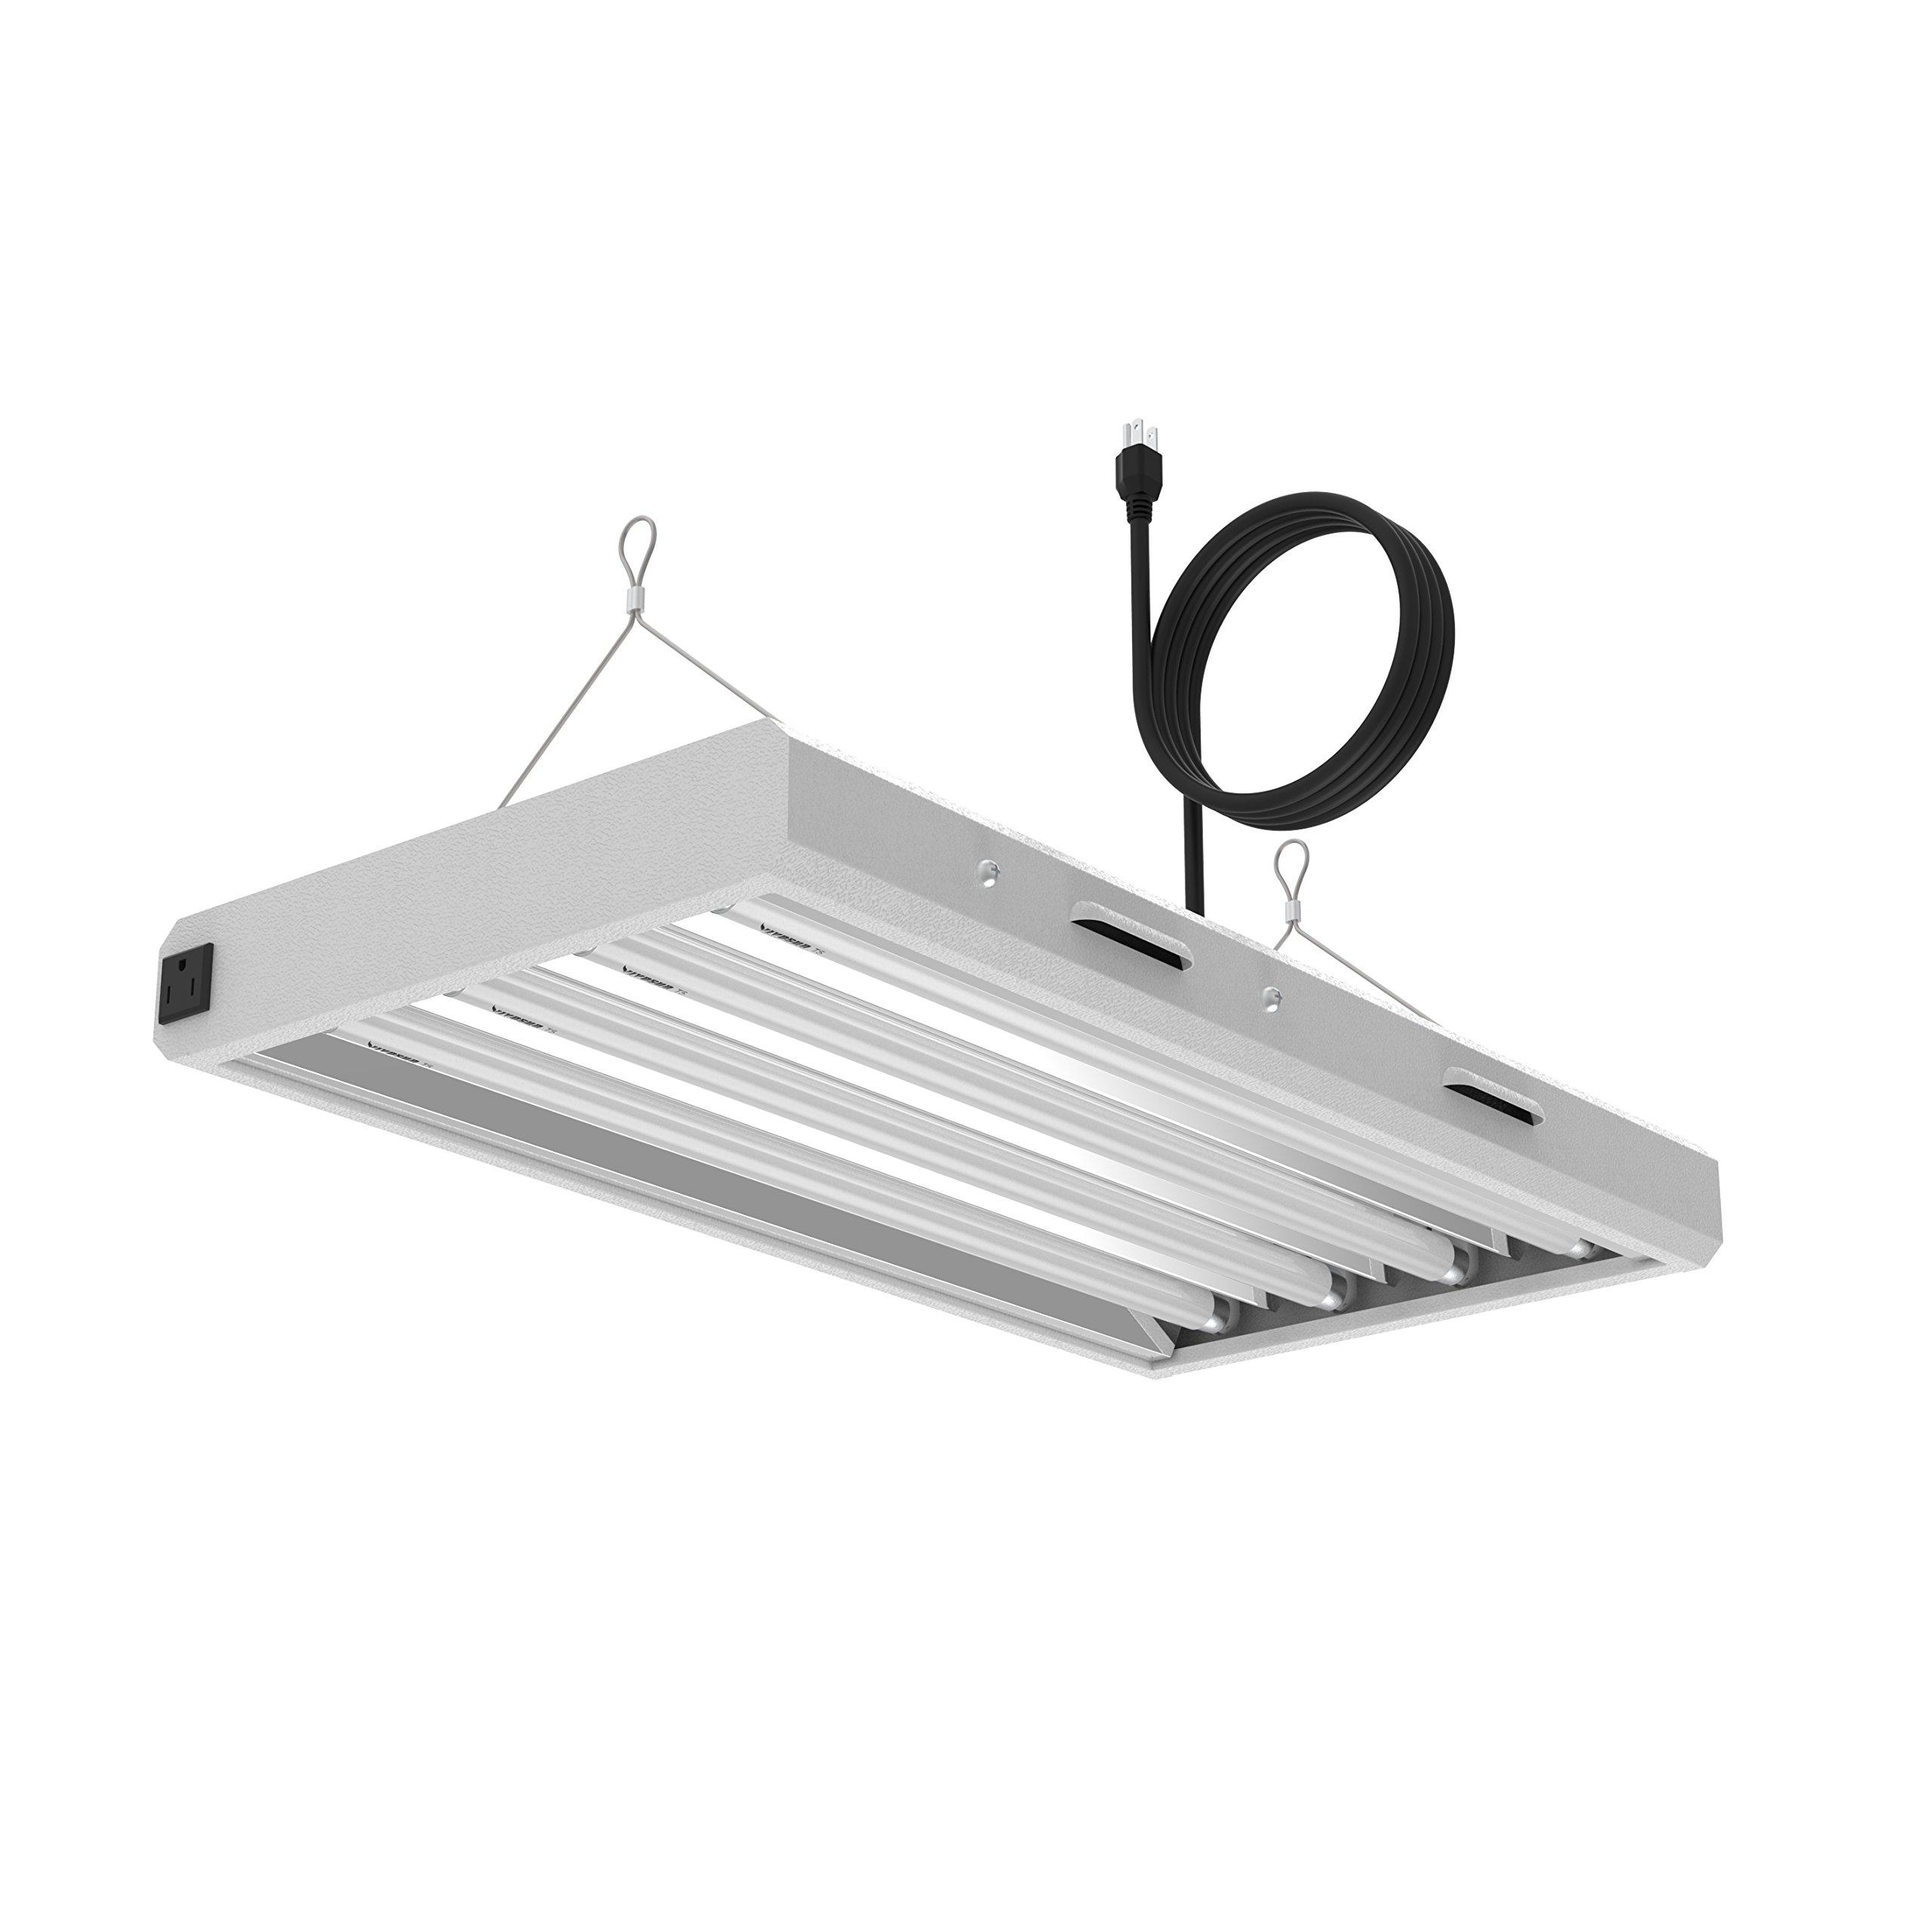 VIVOSUN 2ft 4-Lamp T5 HO Fluorescent Grow Light Fixture - UL Listed, High Output Fluorescent Tubes